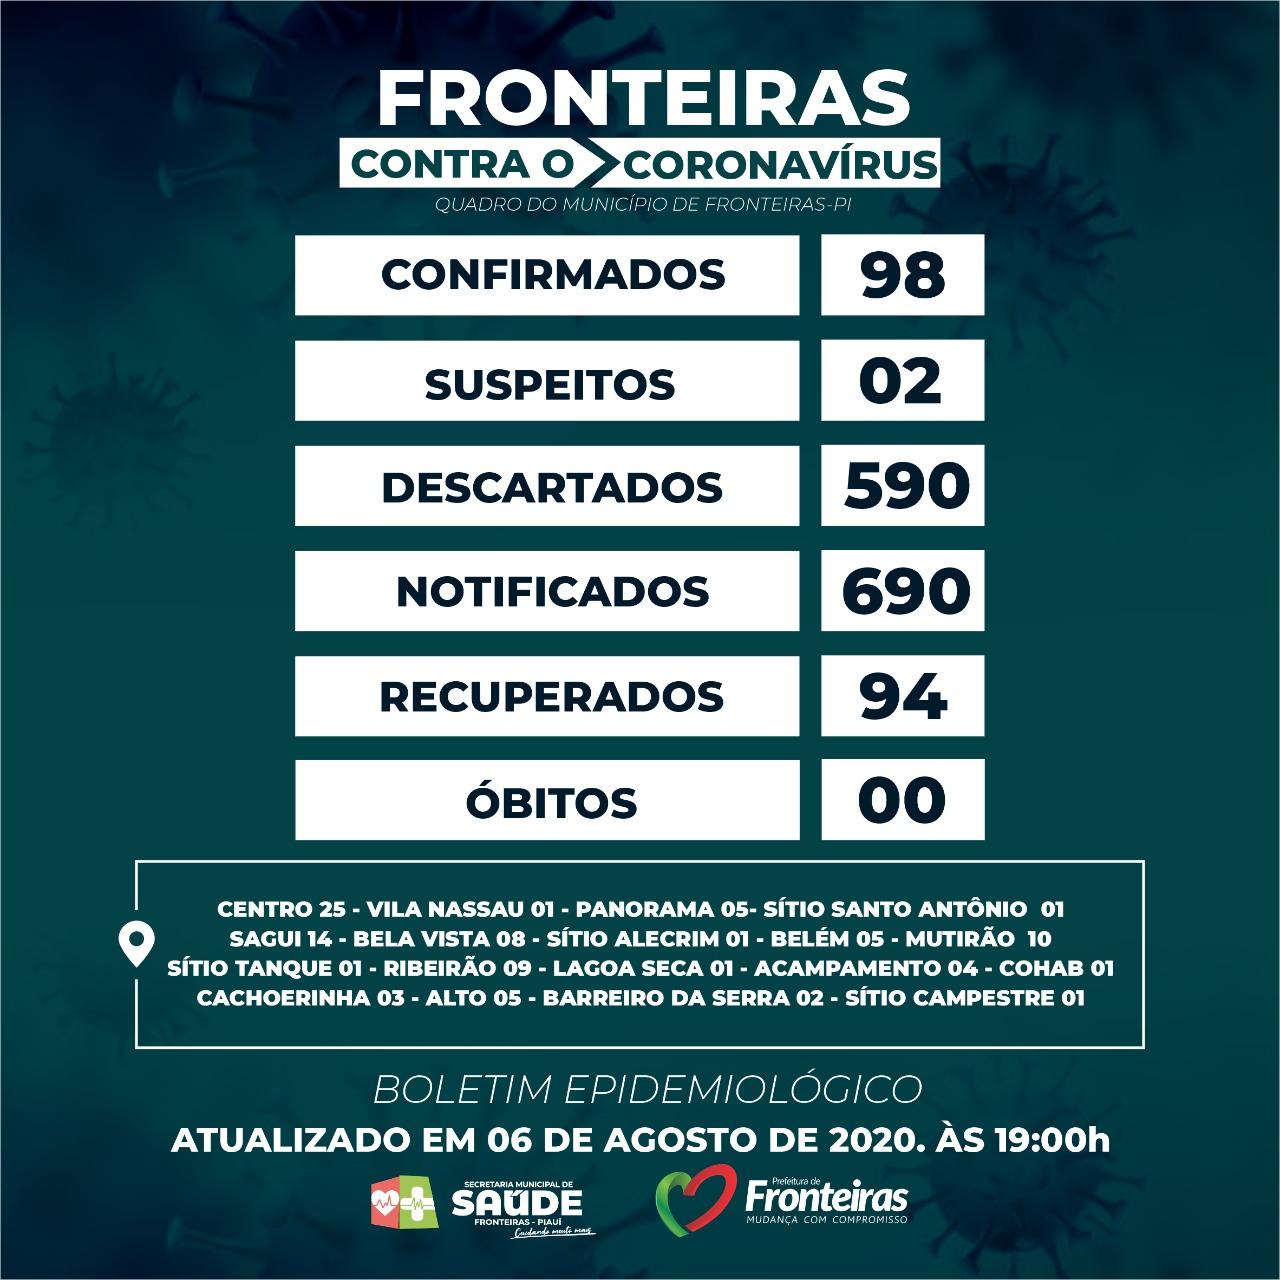 FRONTEIRAS (PI) - BOLETIM EPIDEMIOLÓGICO DE 06/08/2020